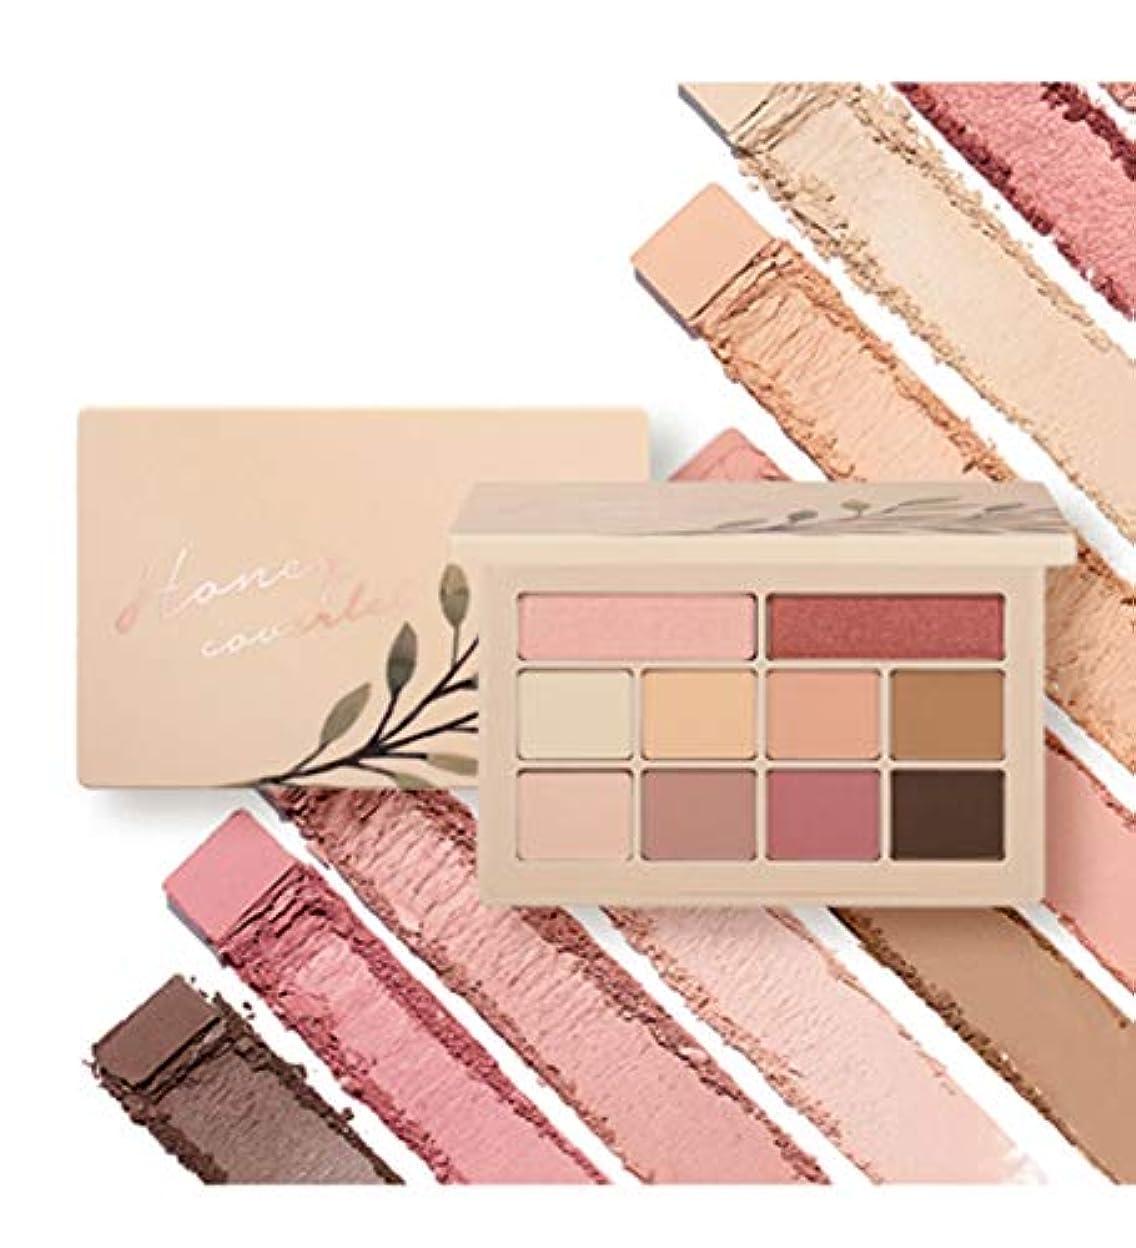 カップ熱心なカップMoonshot Honey Coverlet Eyeshadow Palette YOO IN-NA COLLECTIONwarm tone&cool tone 10色のアイシャドウ(並行輸入品)